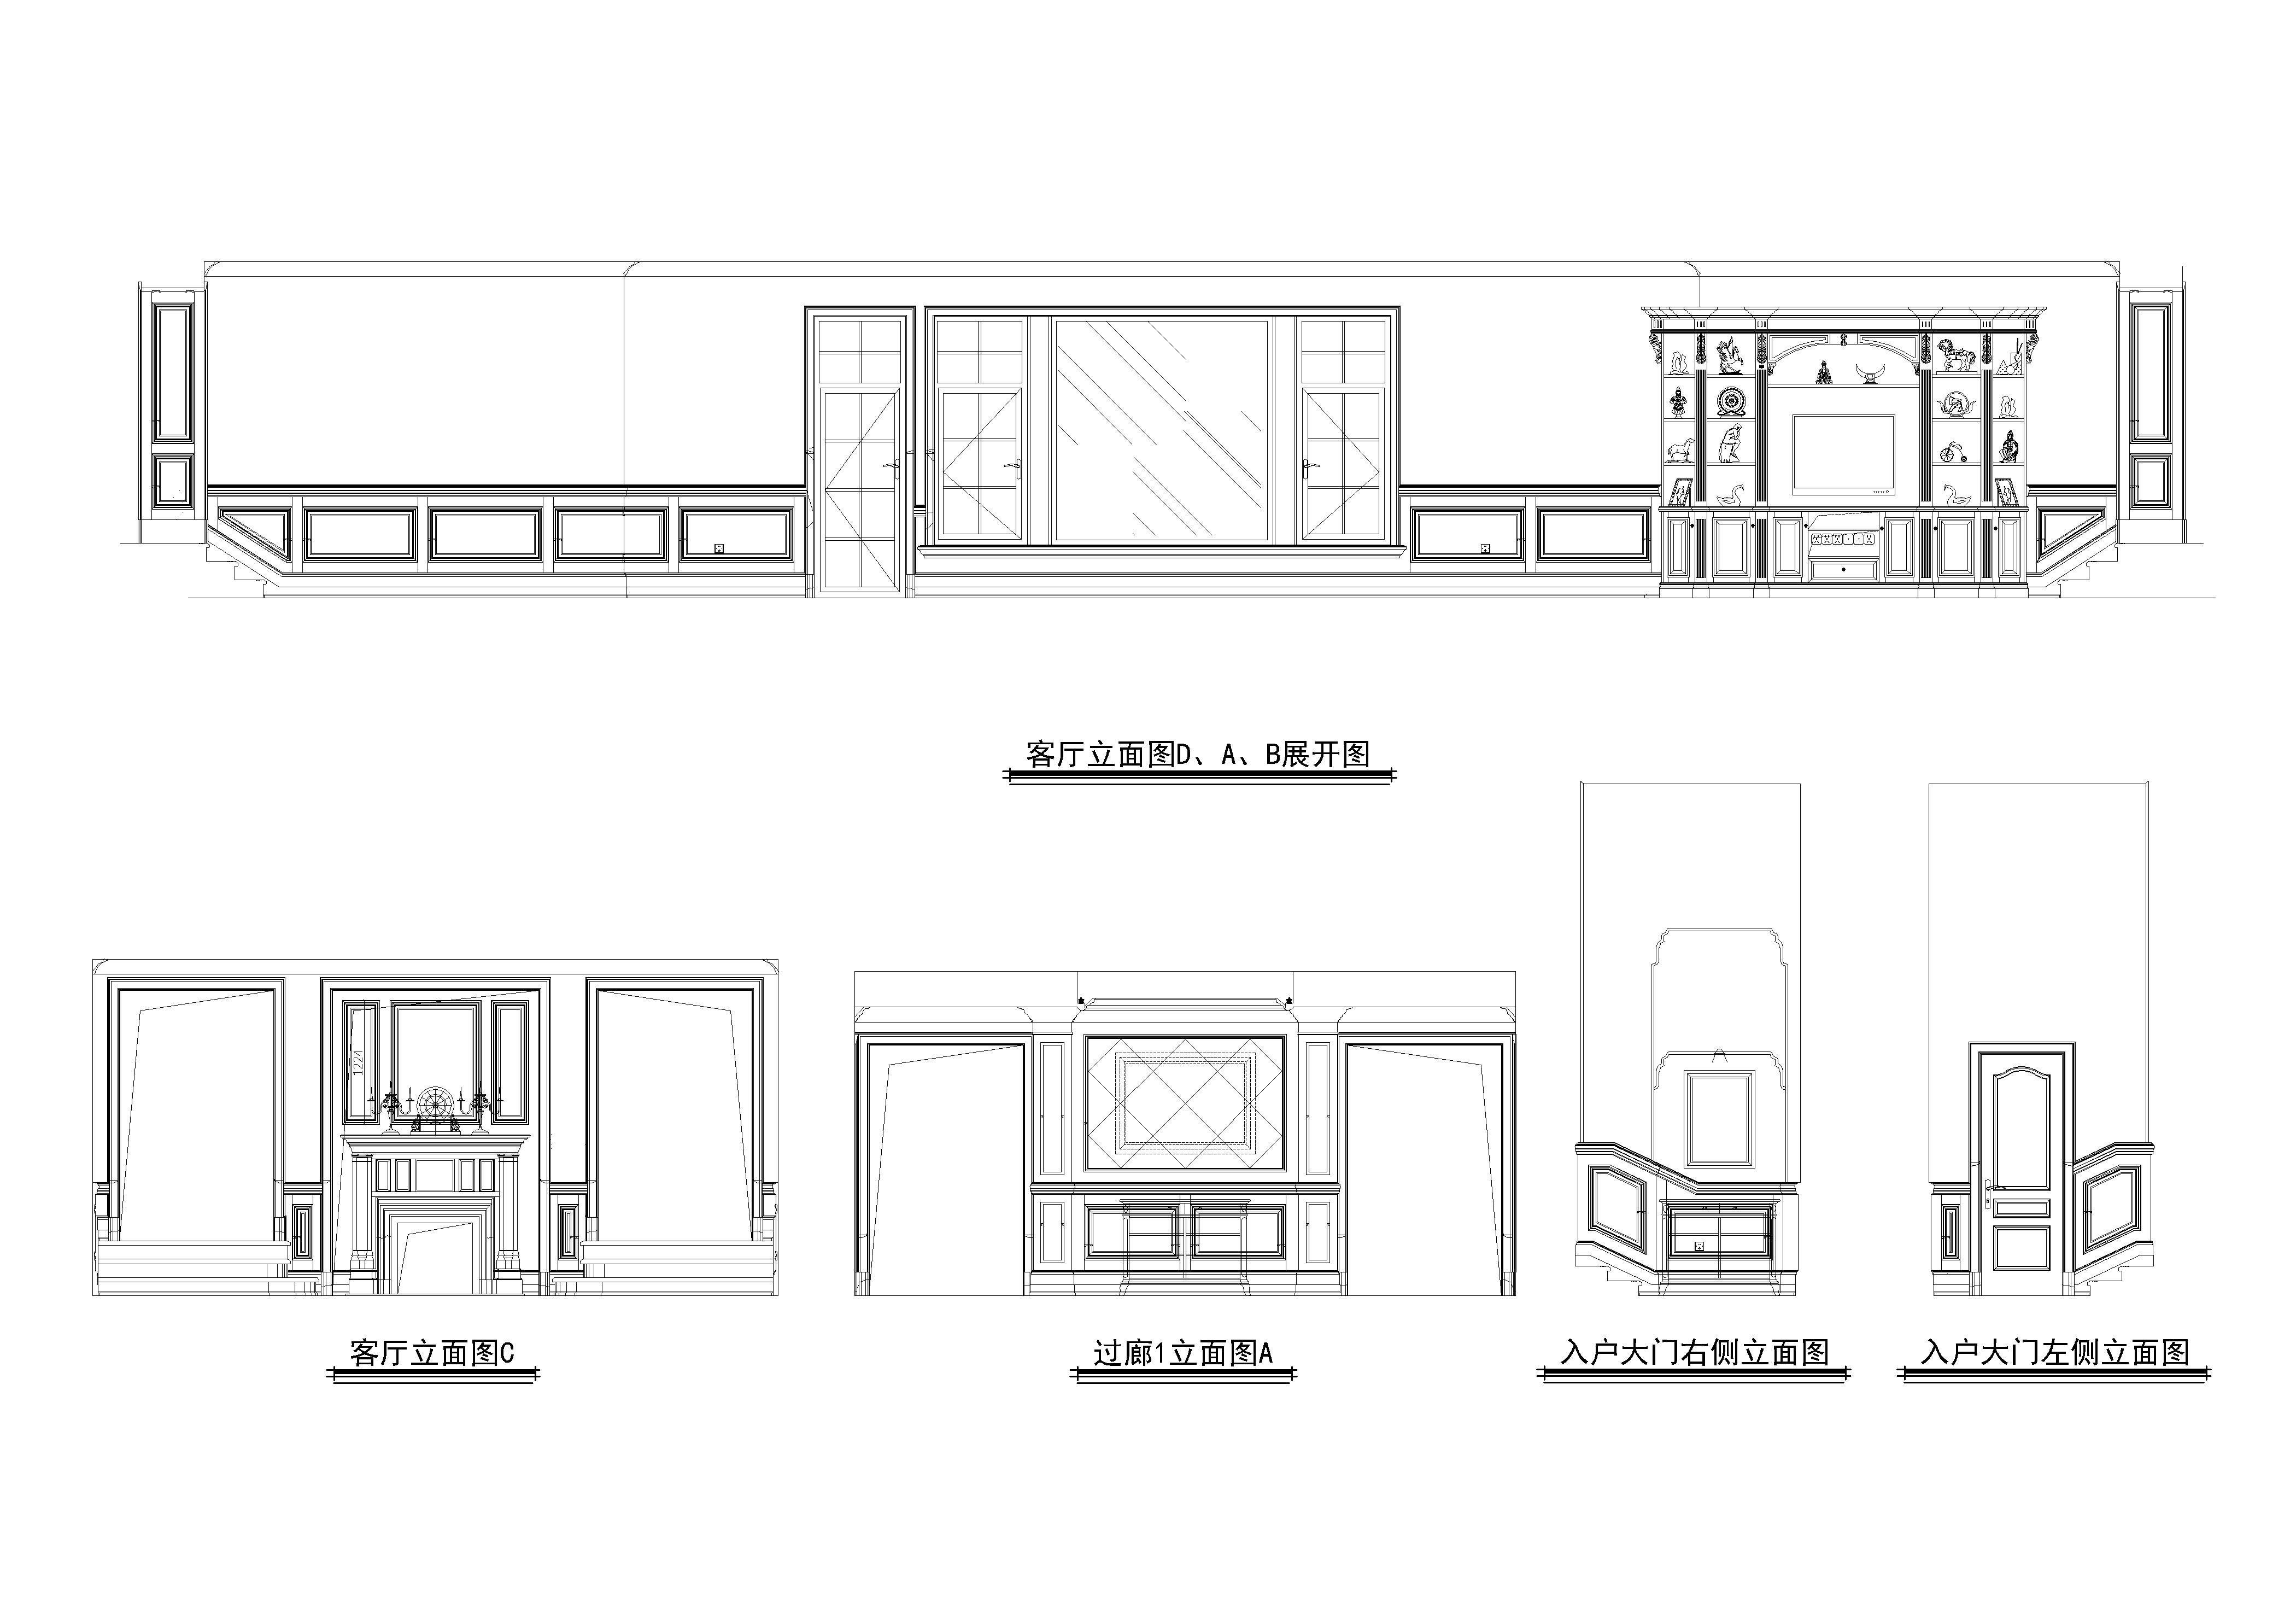 卧室平面图设计图纸